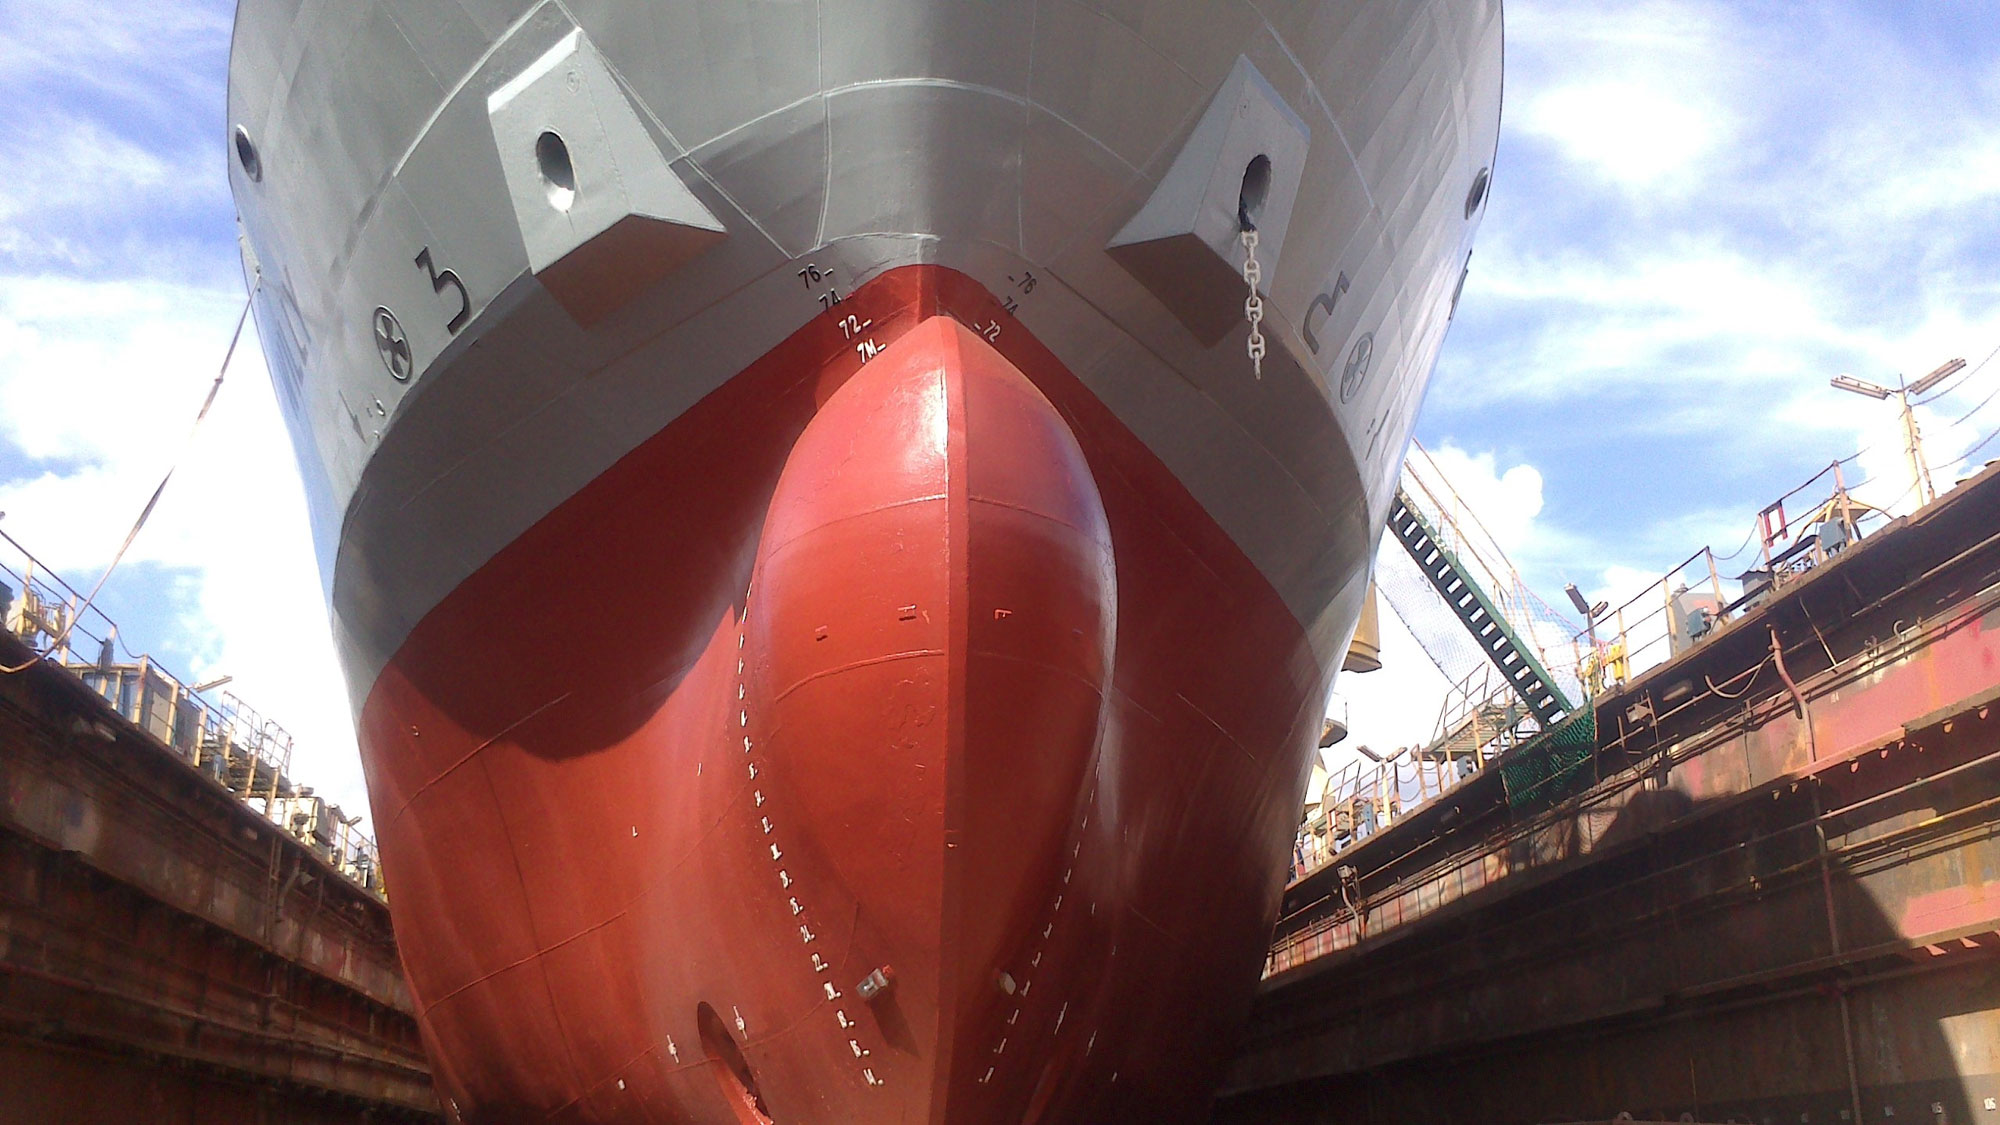 Colonna's Shipyard Safest Year